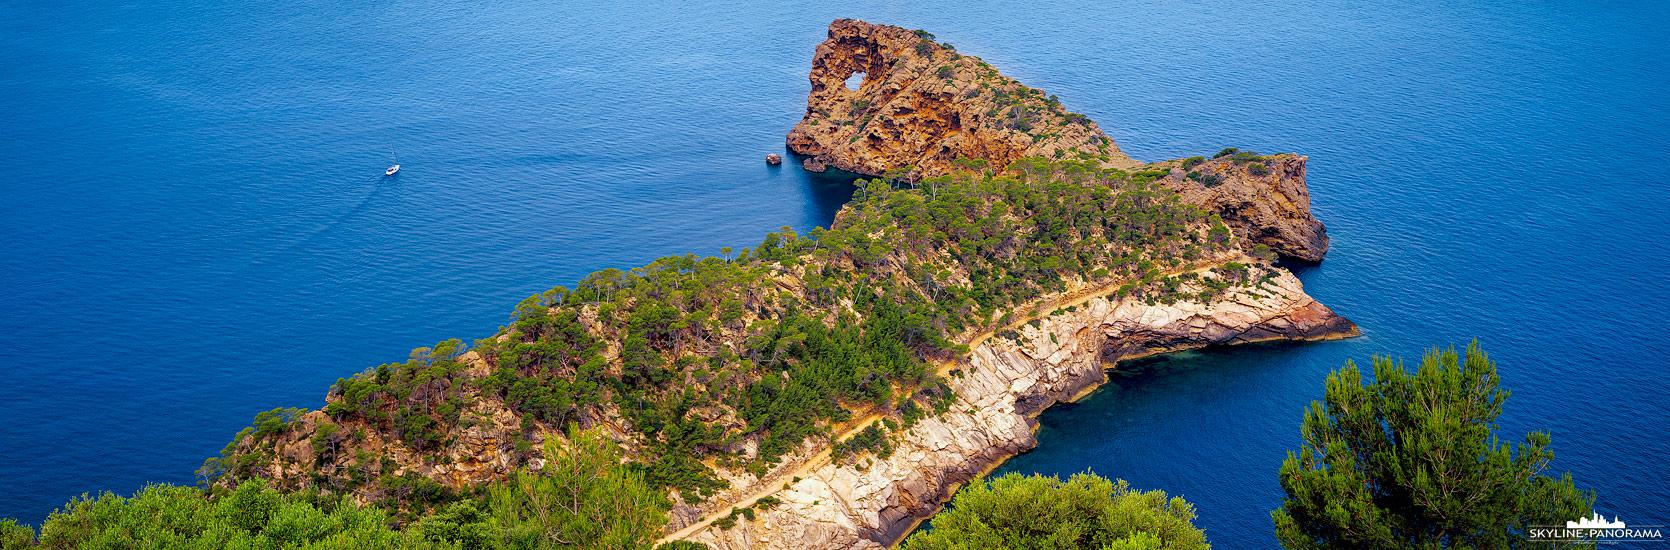 Sehenswertes auf der Insel Mallorca - Sa Foradada (die Durchlöcherte) ist eine sehenswerte Halbinsel, mit einem kleinen Lochfelsen, im Nordwesten von Mallorca. Die Location liegt an der Ma-10, auf dem Weg von Sóller nach Andrax, oberhalb des Felsens gibt es gute Parkmöglichkeiten und ein tolles Restaurant, welches zum Sonnenuntergang eine fantastische Aussicht verspricht.